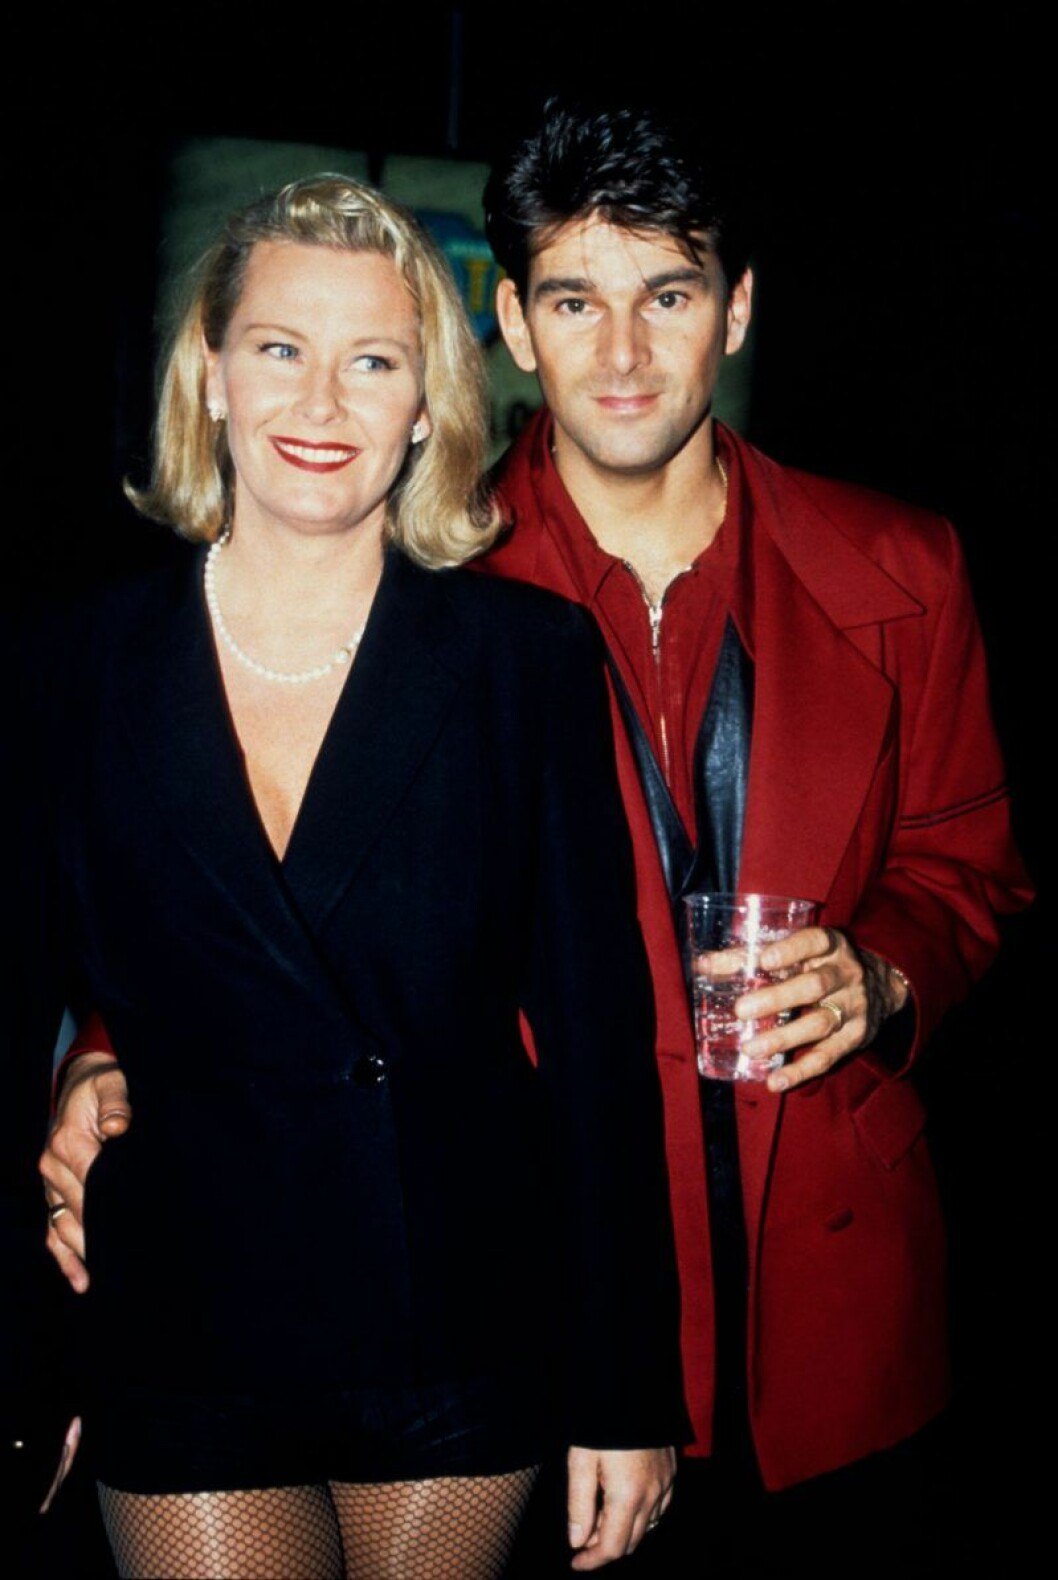 Niklas Strömstedt och Efva Attling var gifta fram till 1995